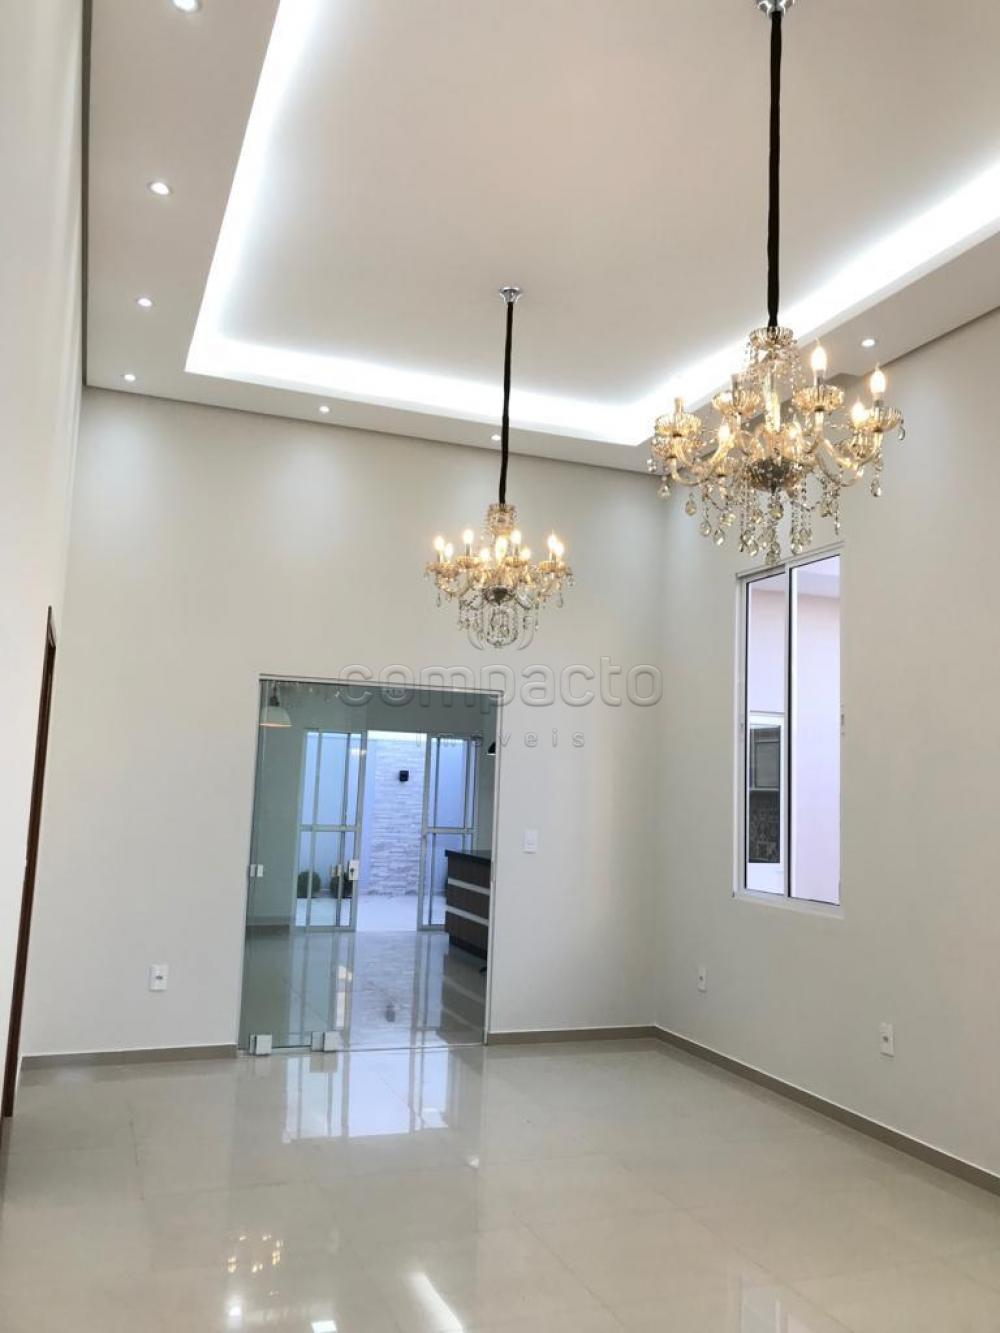 Comprar Casa / Condomínio em São José do Rio Preto apenas R$ 680.000,00 - Foto 3